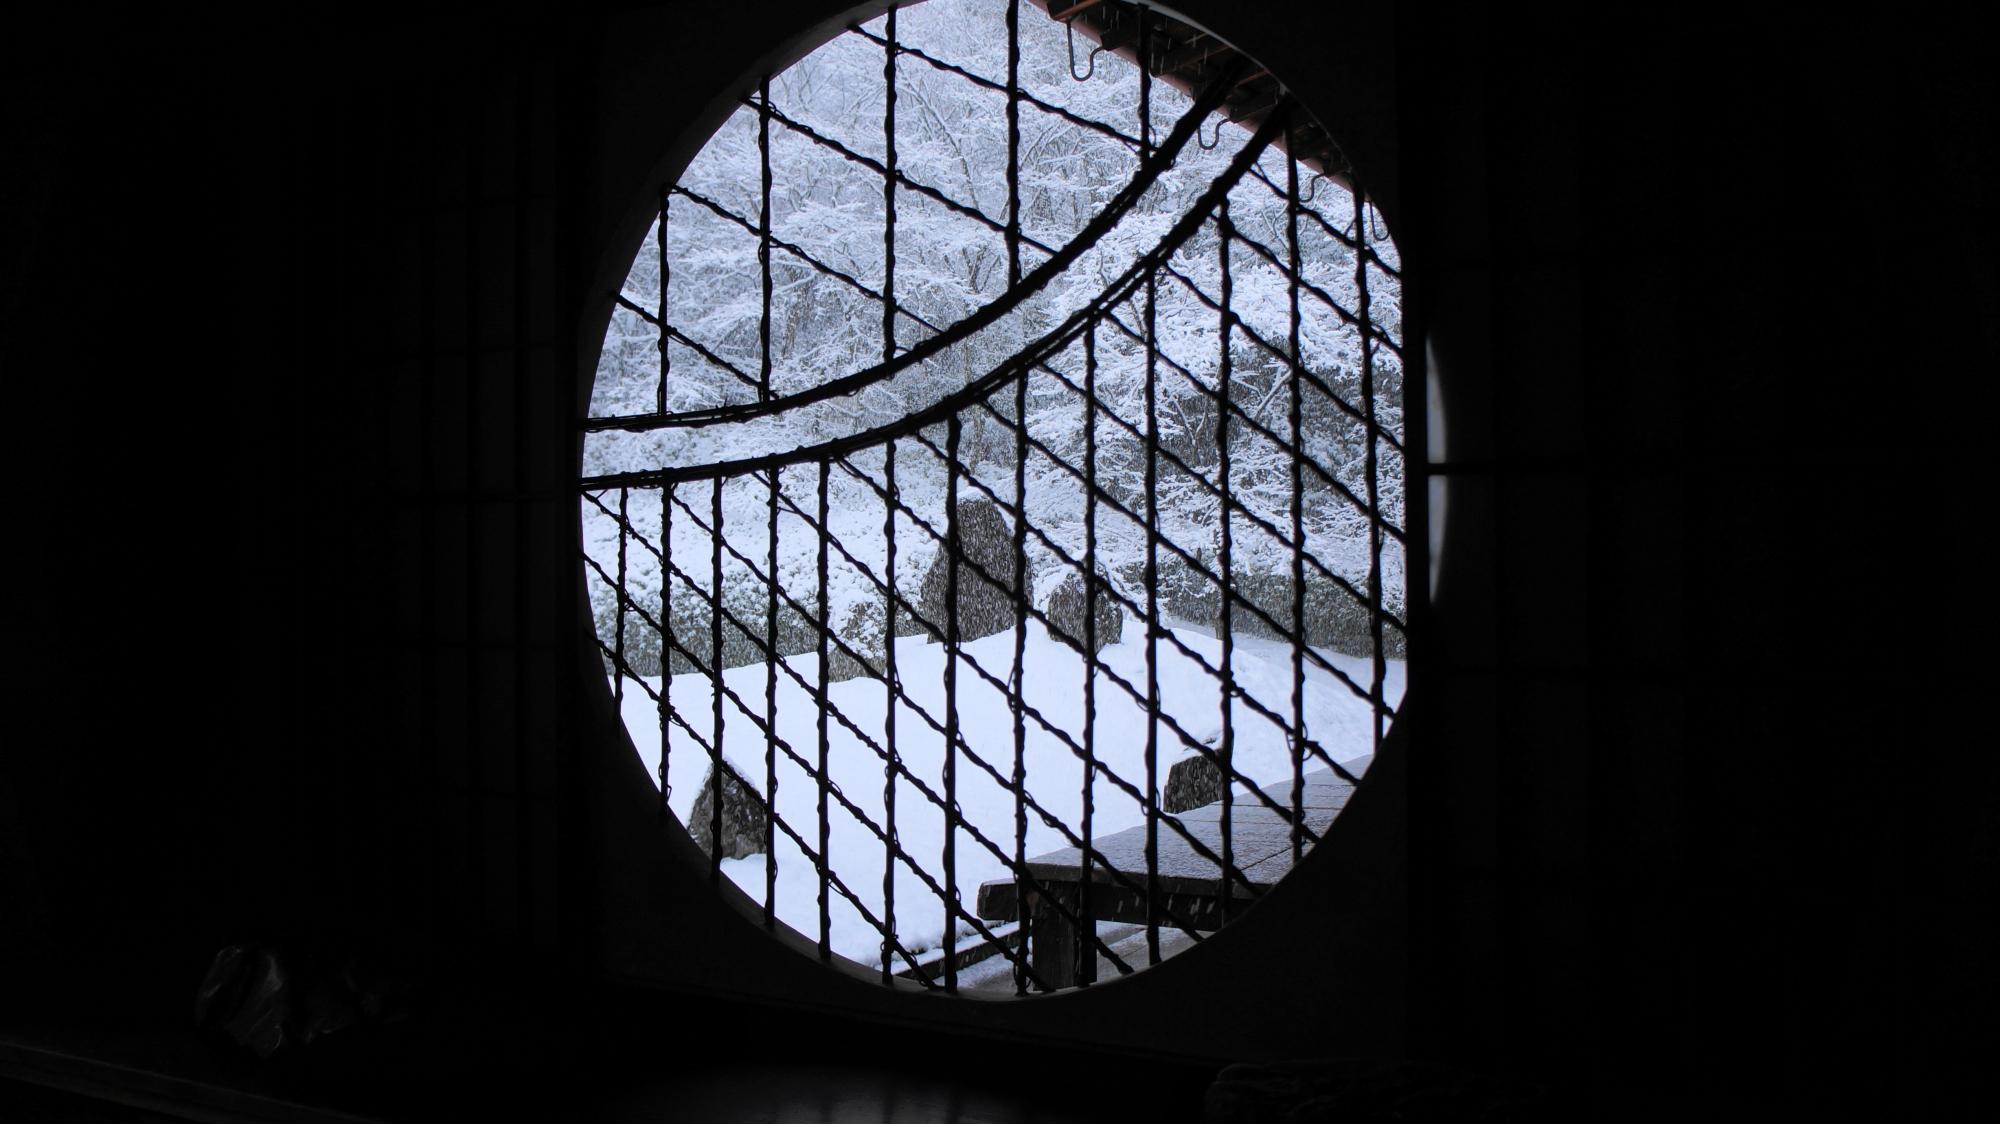 光明院の人気の丸窓から眺めた雪の庭園